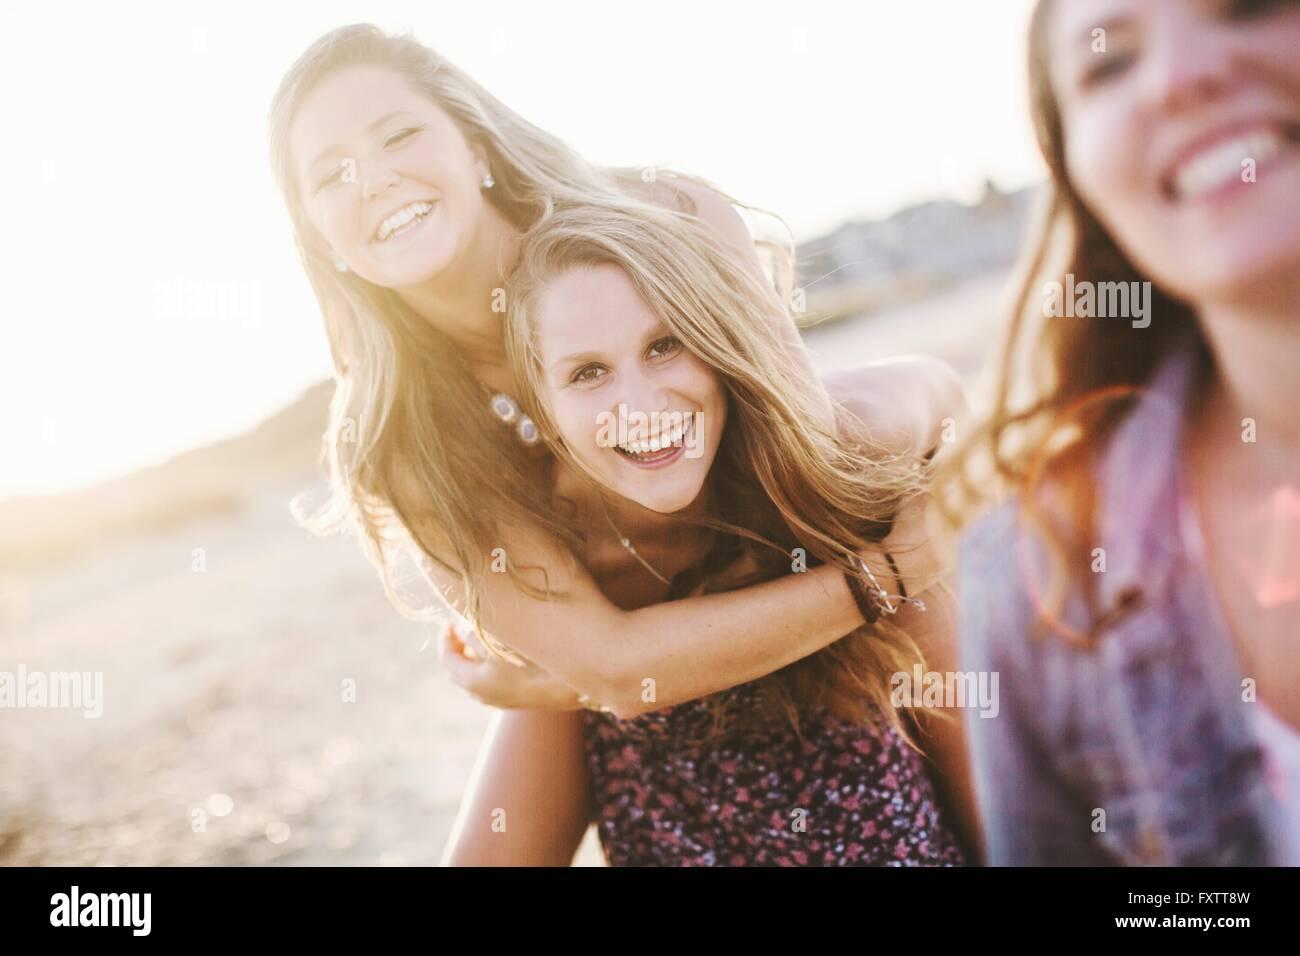 Frau am Strand geben Freund Huckepack Blick auf die Kamera zu Lächeln Stockbild